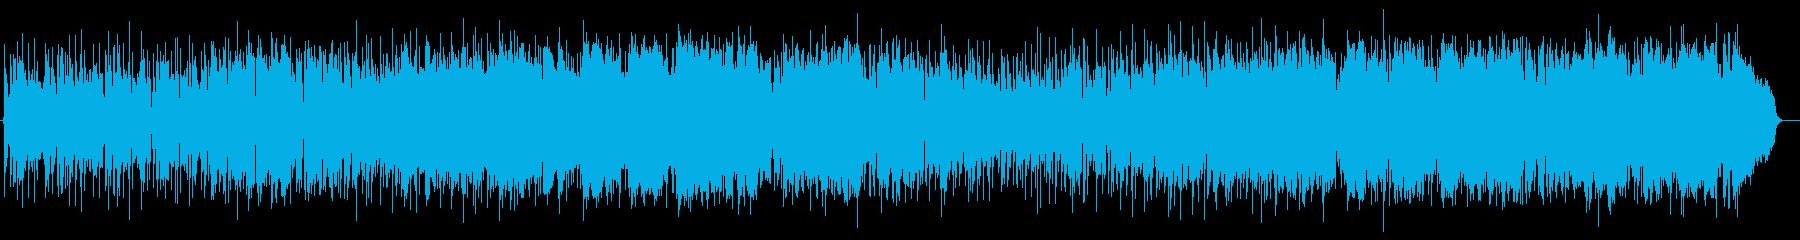 ミディアムテンポの爽やかなバラードの再生済みの波形